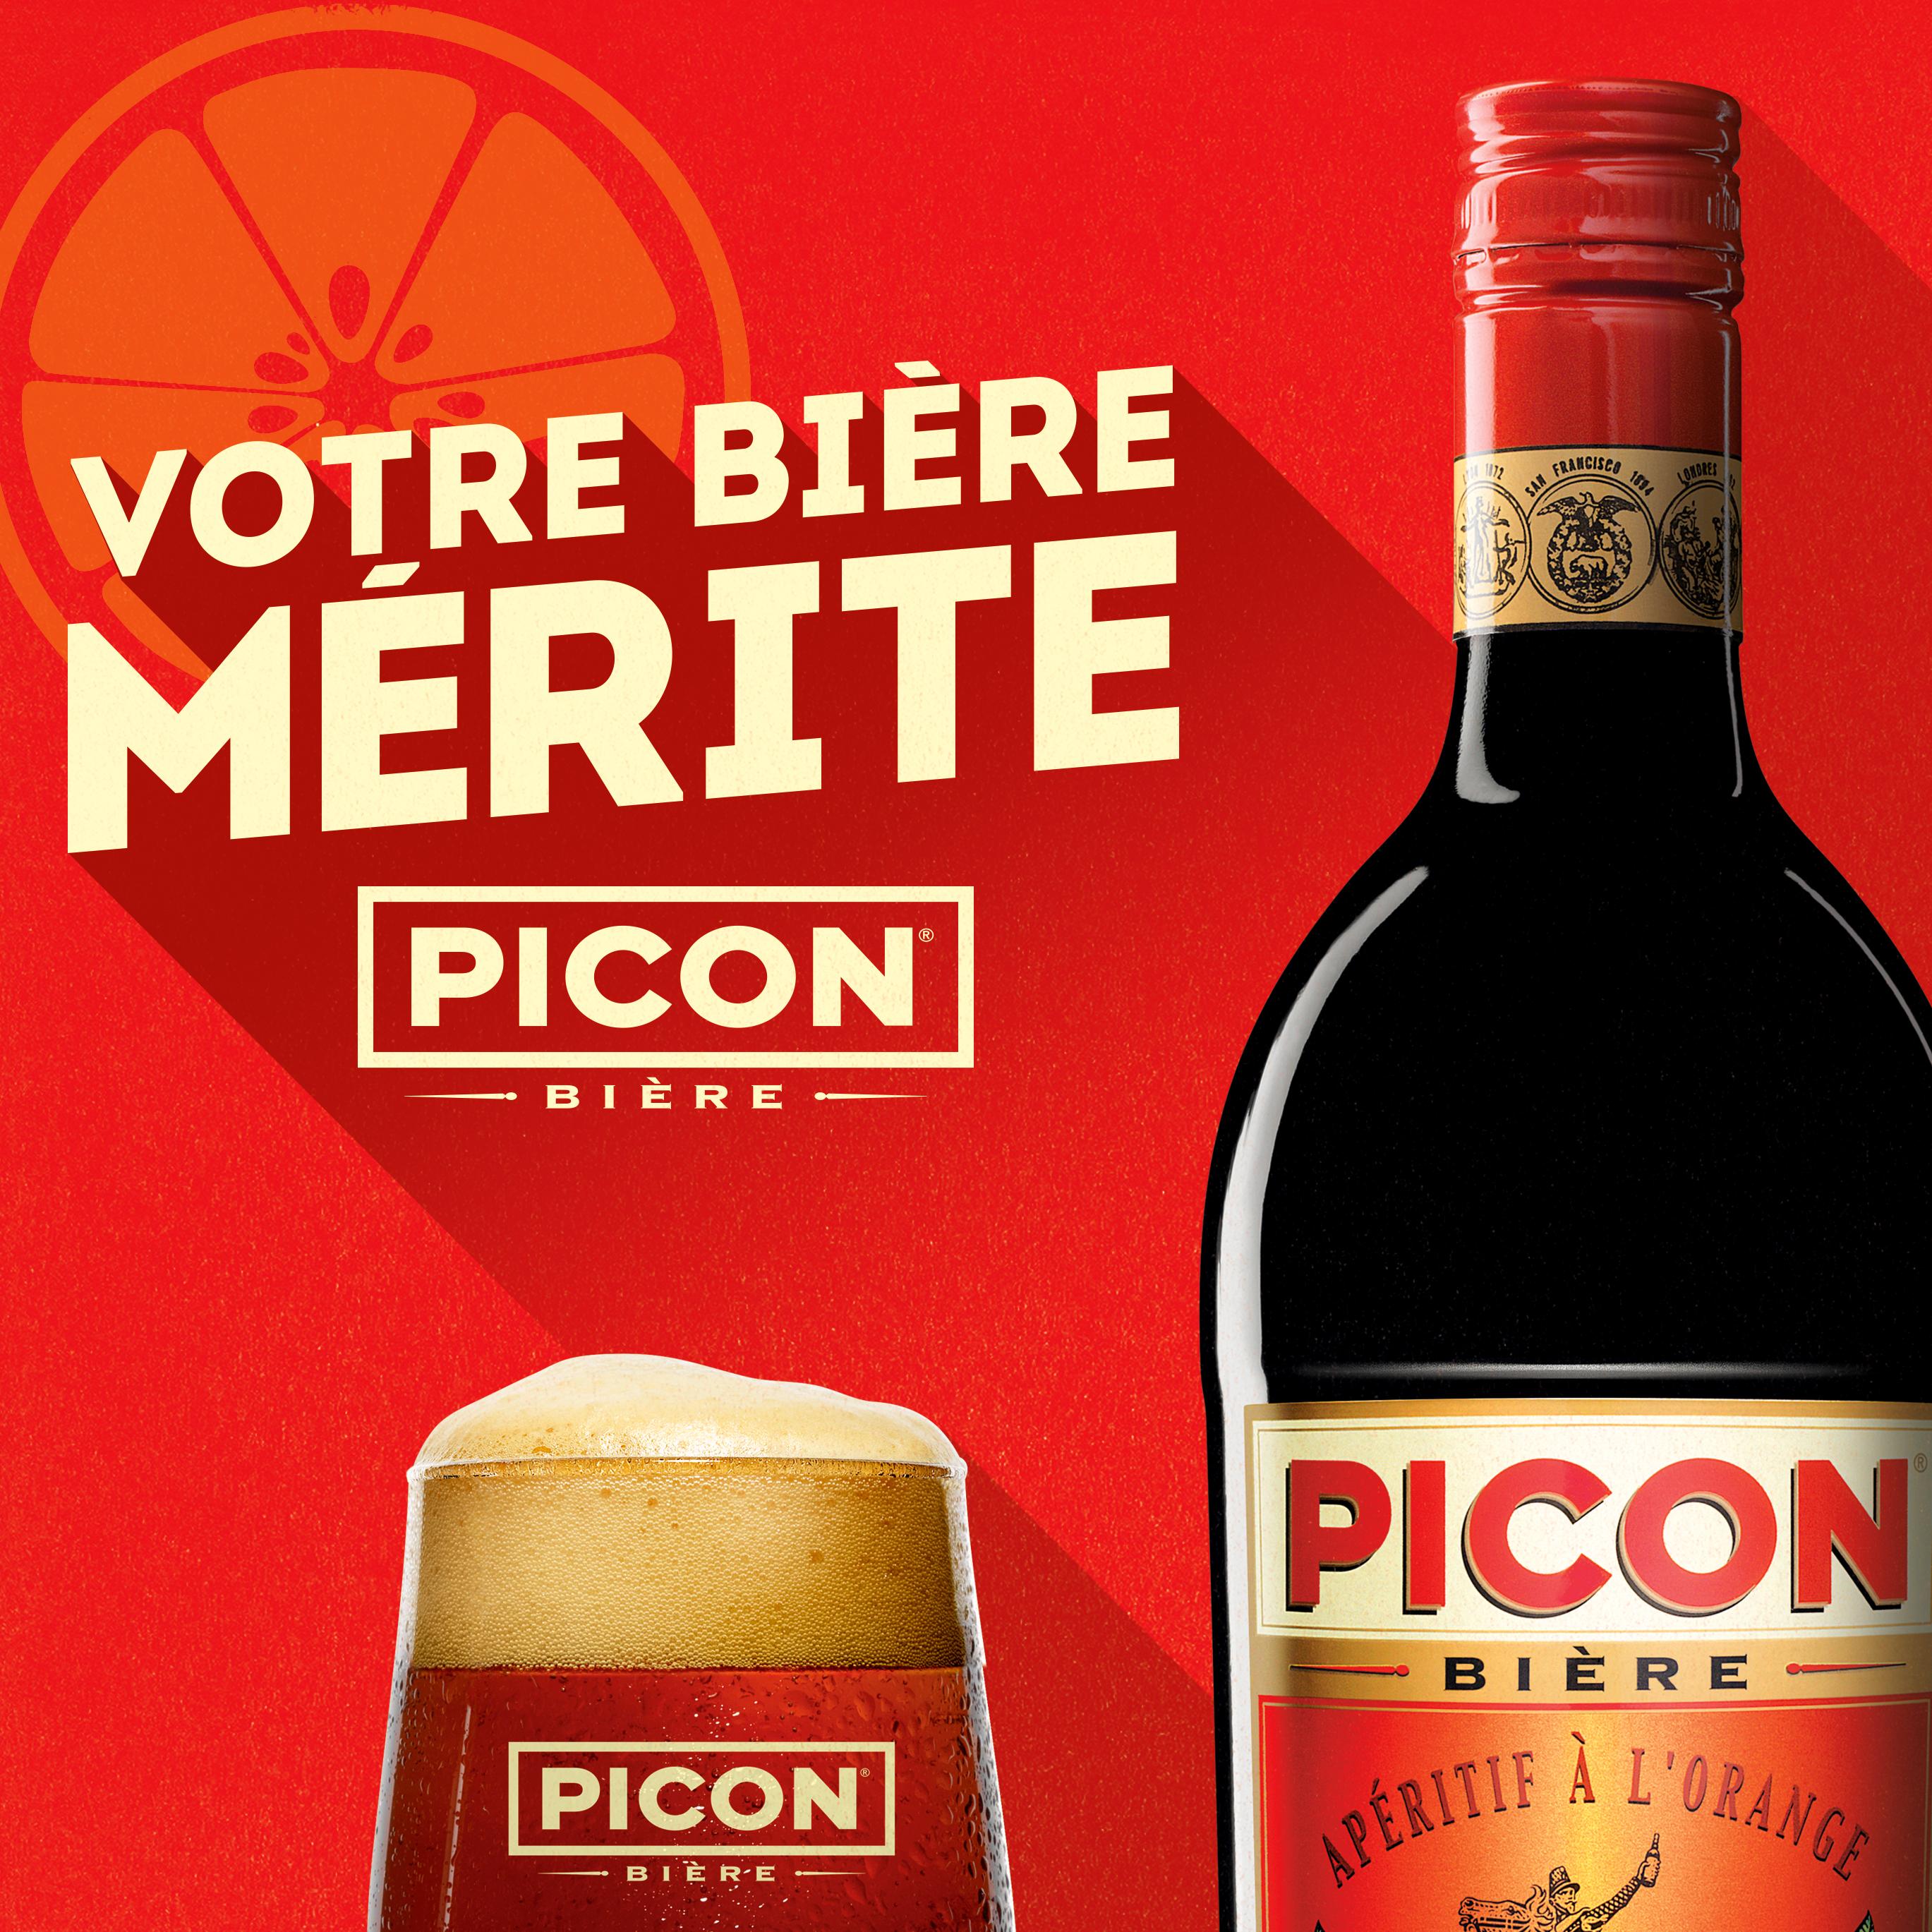 PICON-2